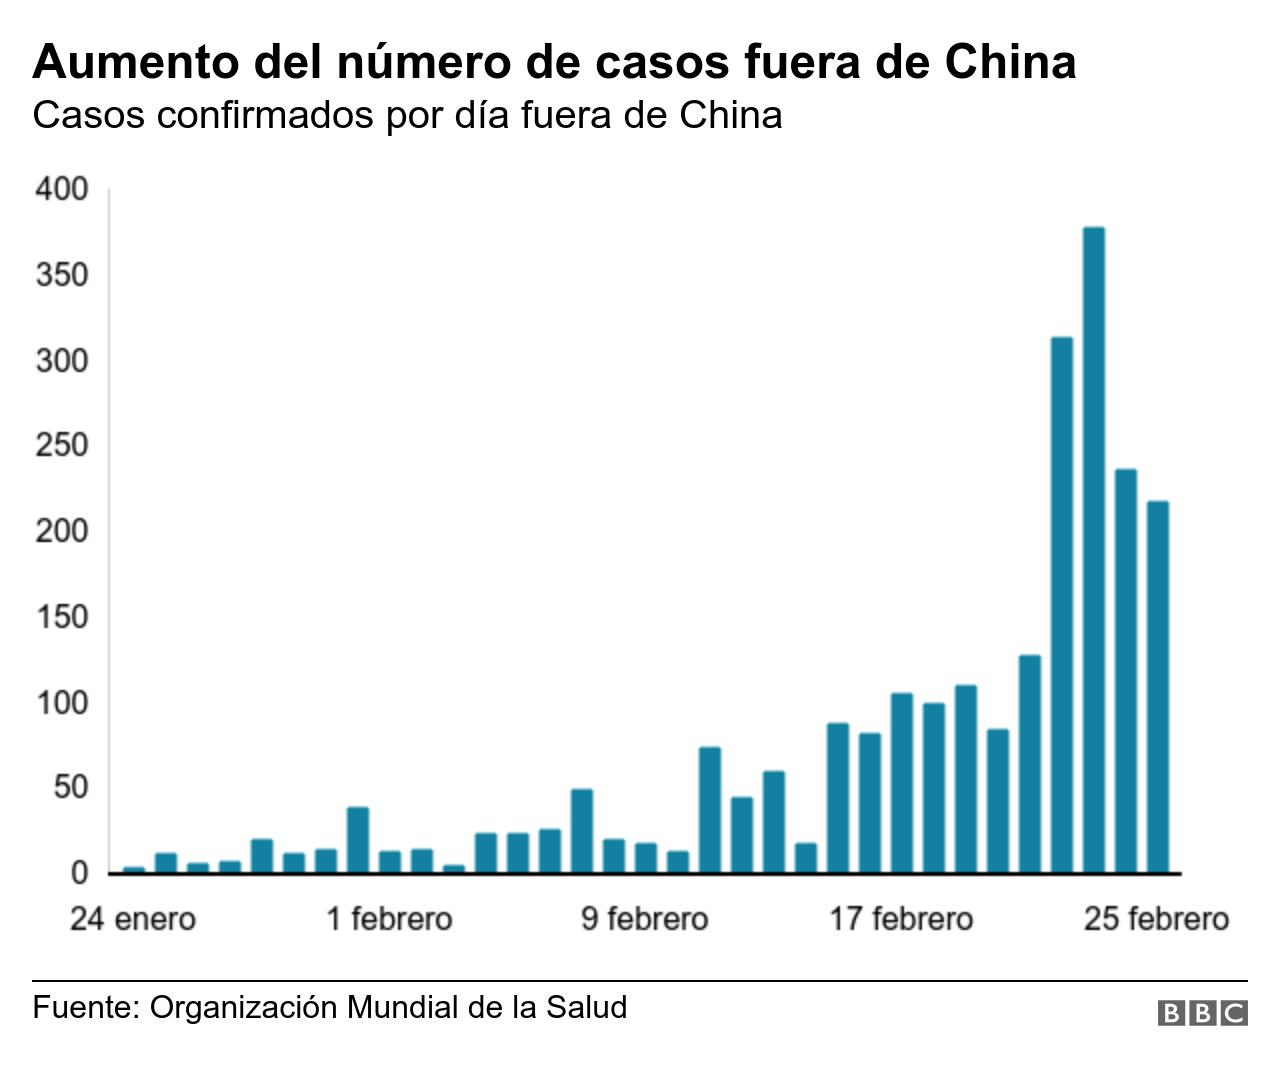 Casos fuera de China